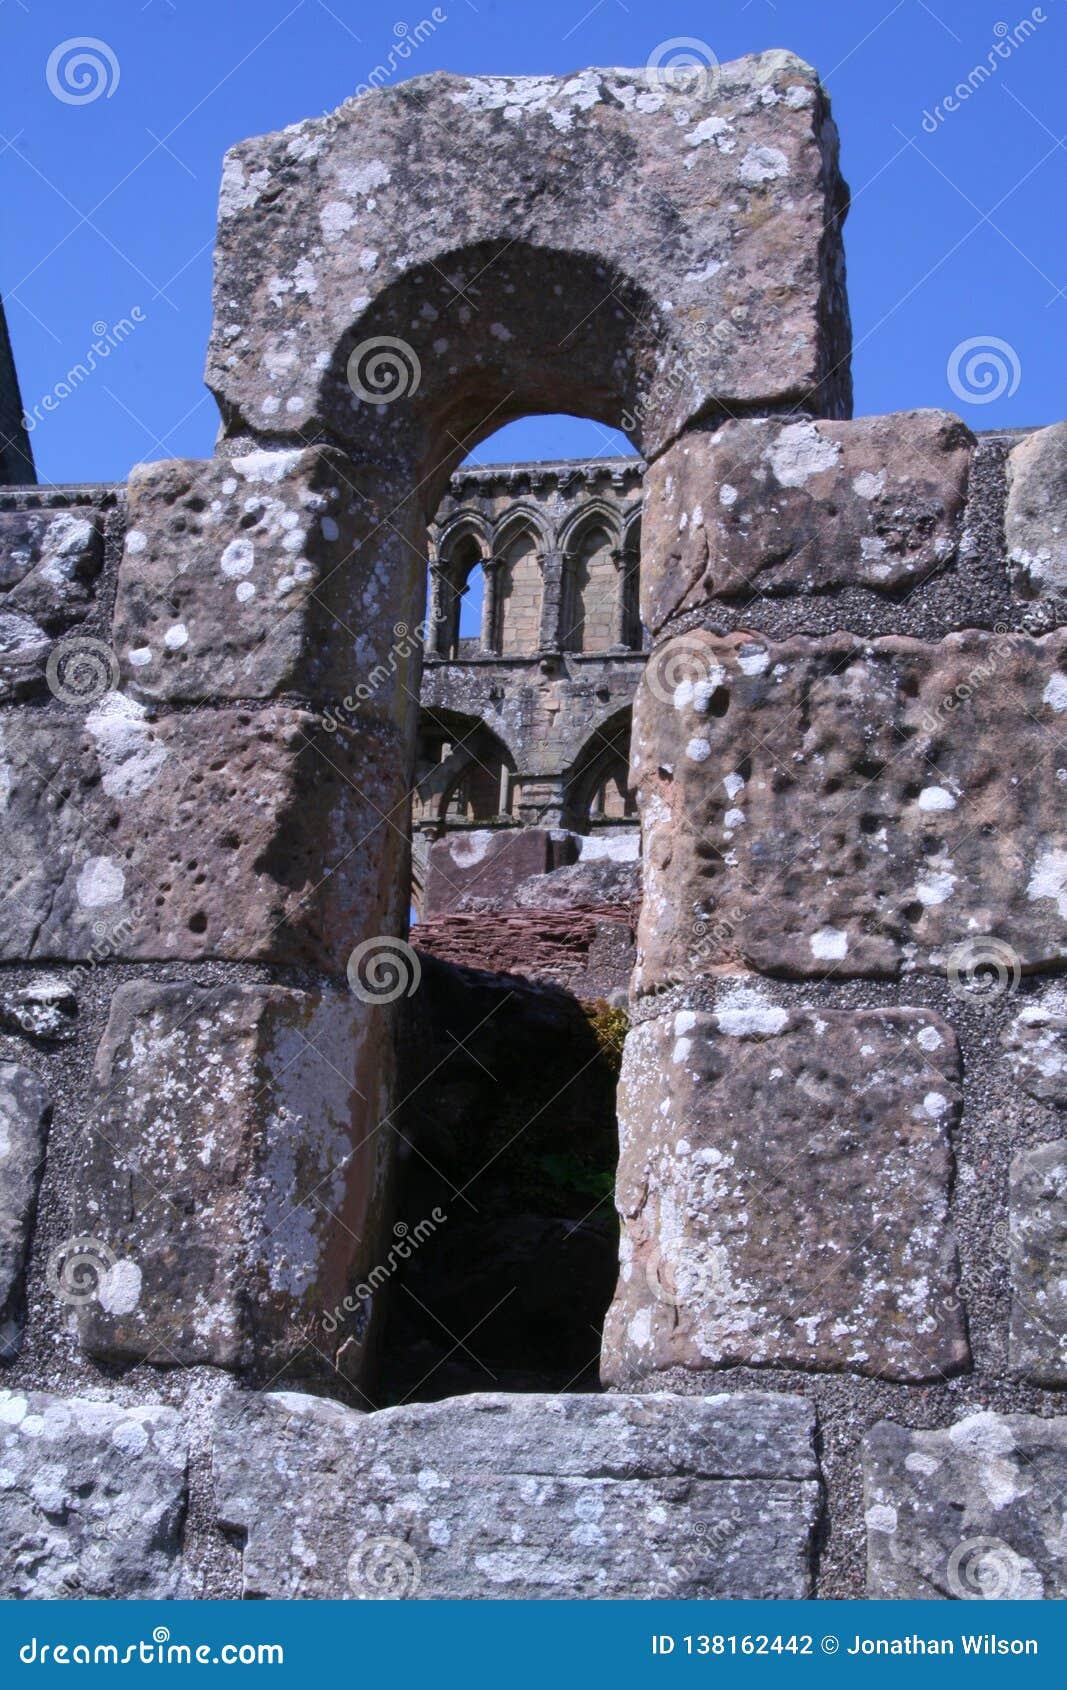 Mittelalterliche Ruinen angesehen durch ein Steinbogenfenster